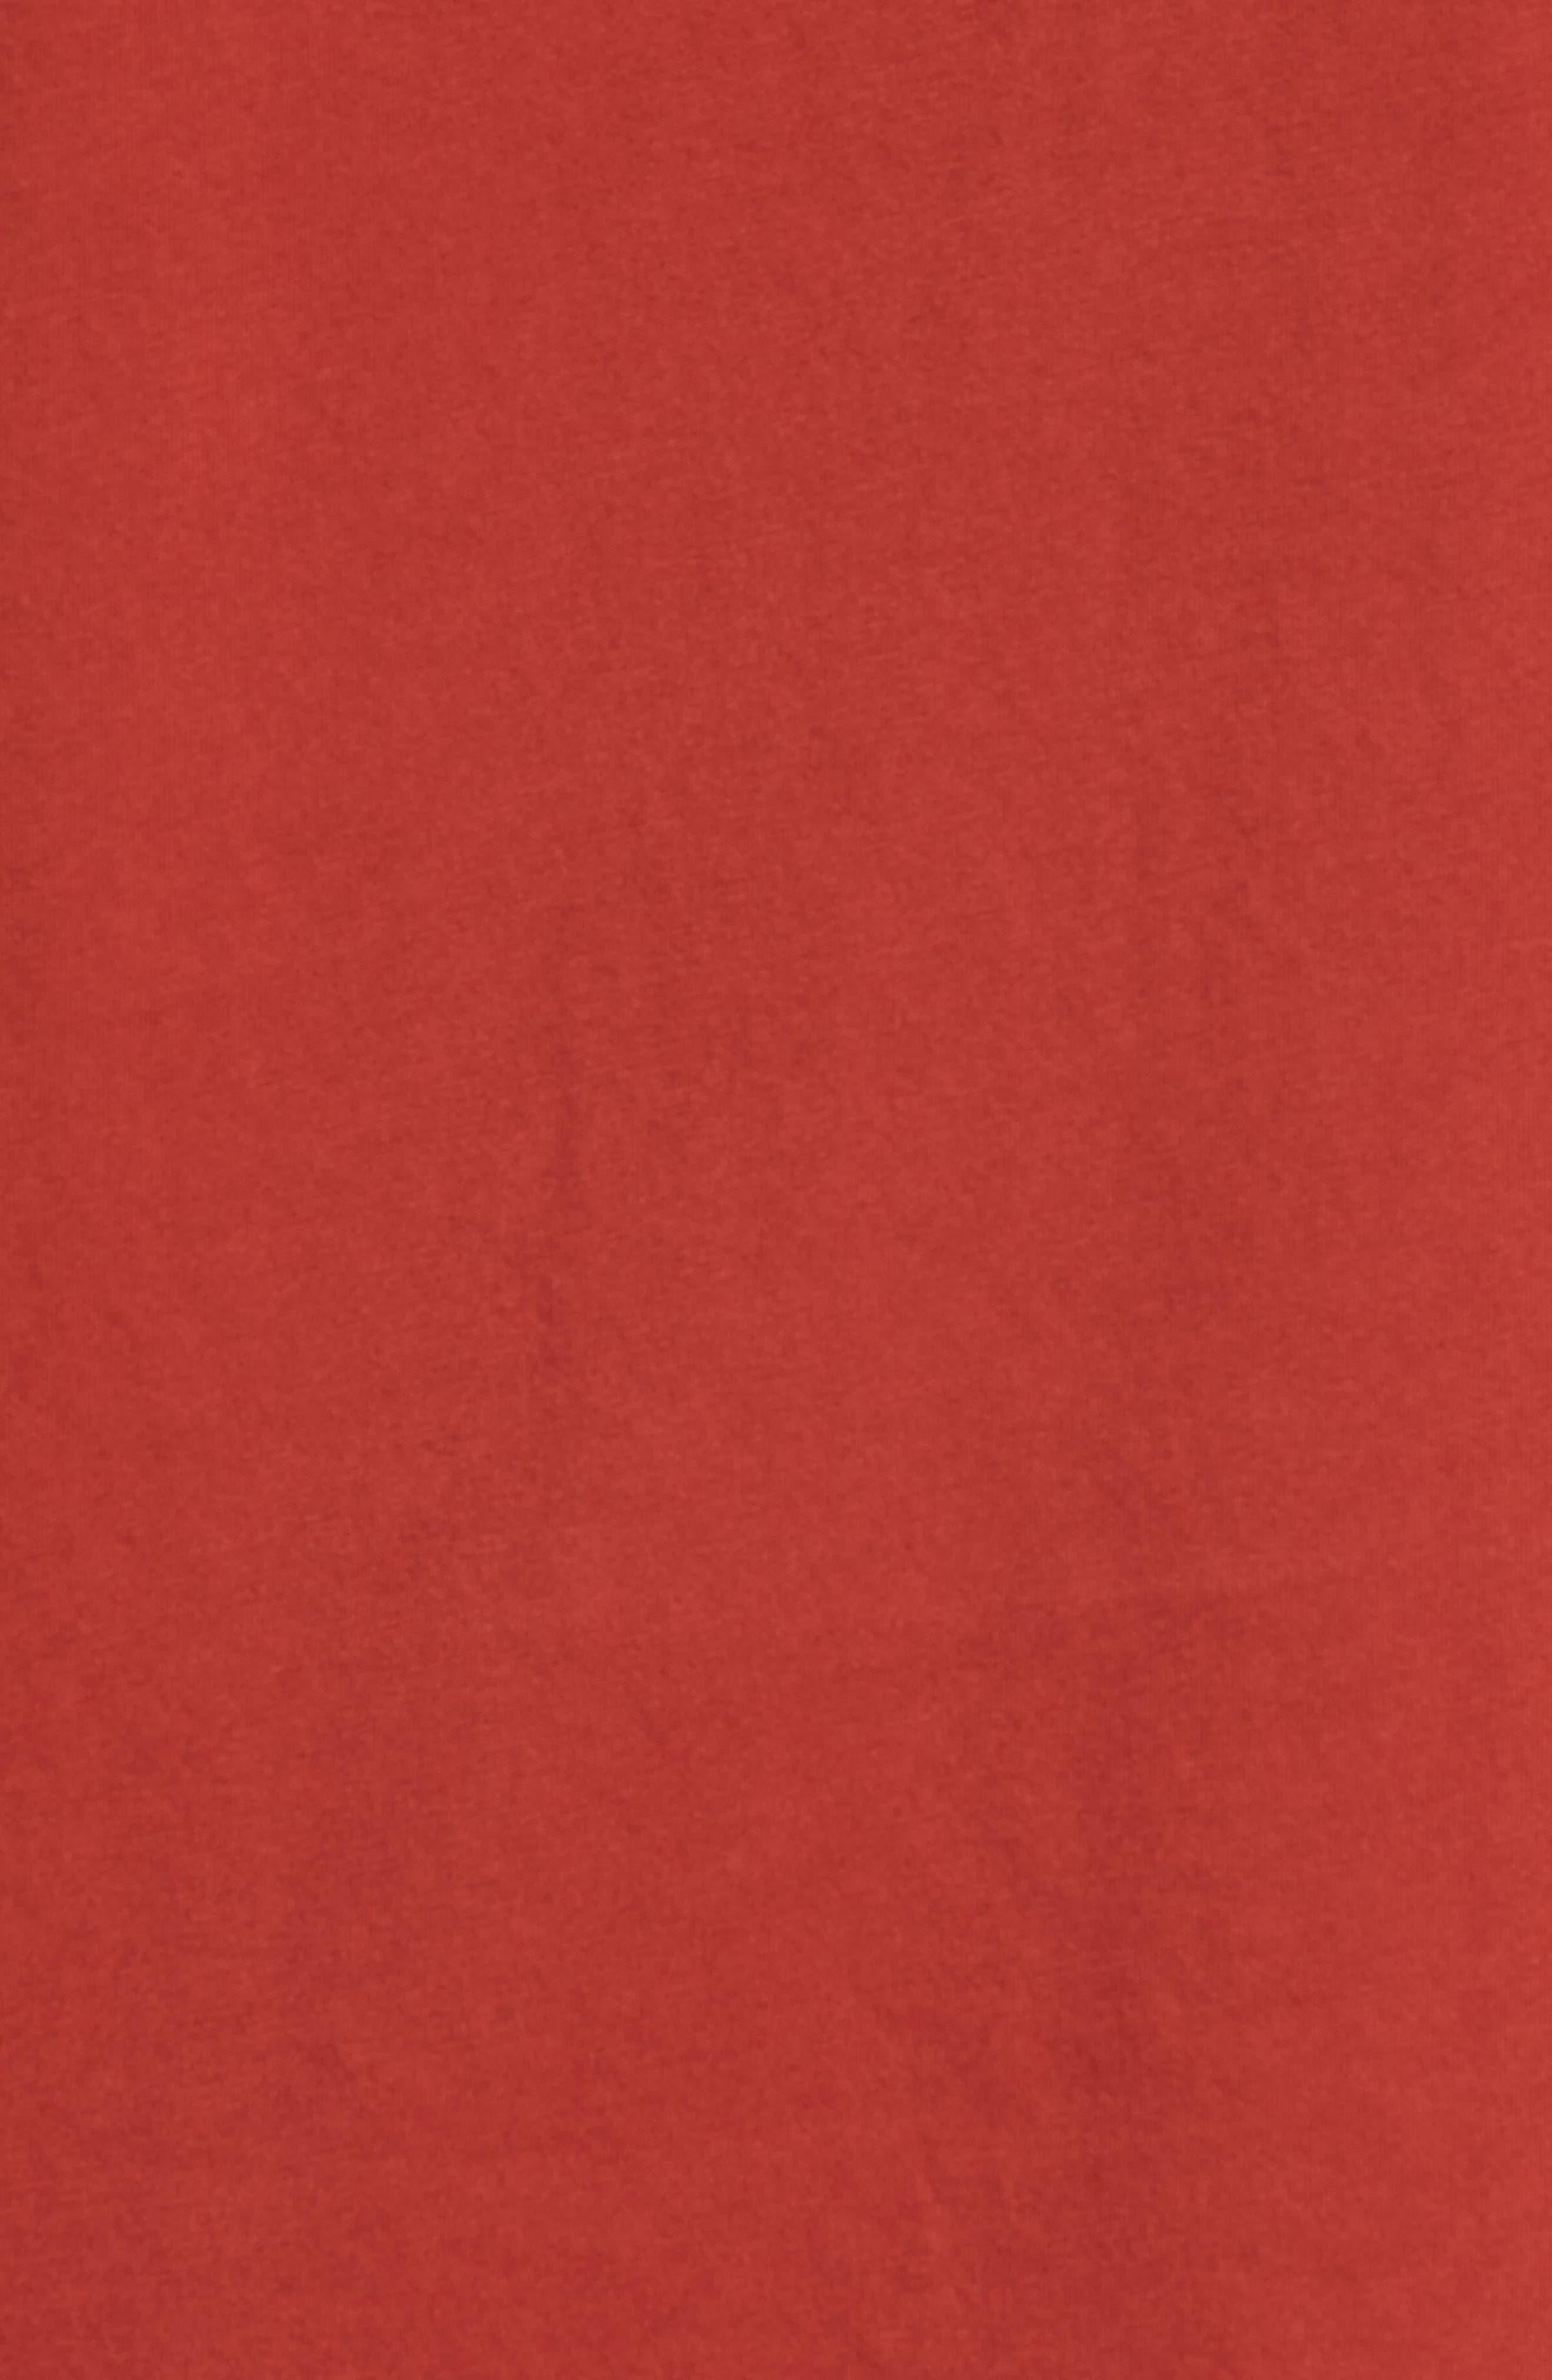 Brandon Pima T-Shirt,                             Alternate thumbnail 5, color,                             Brick